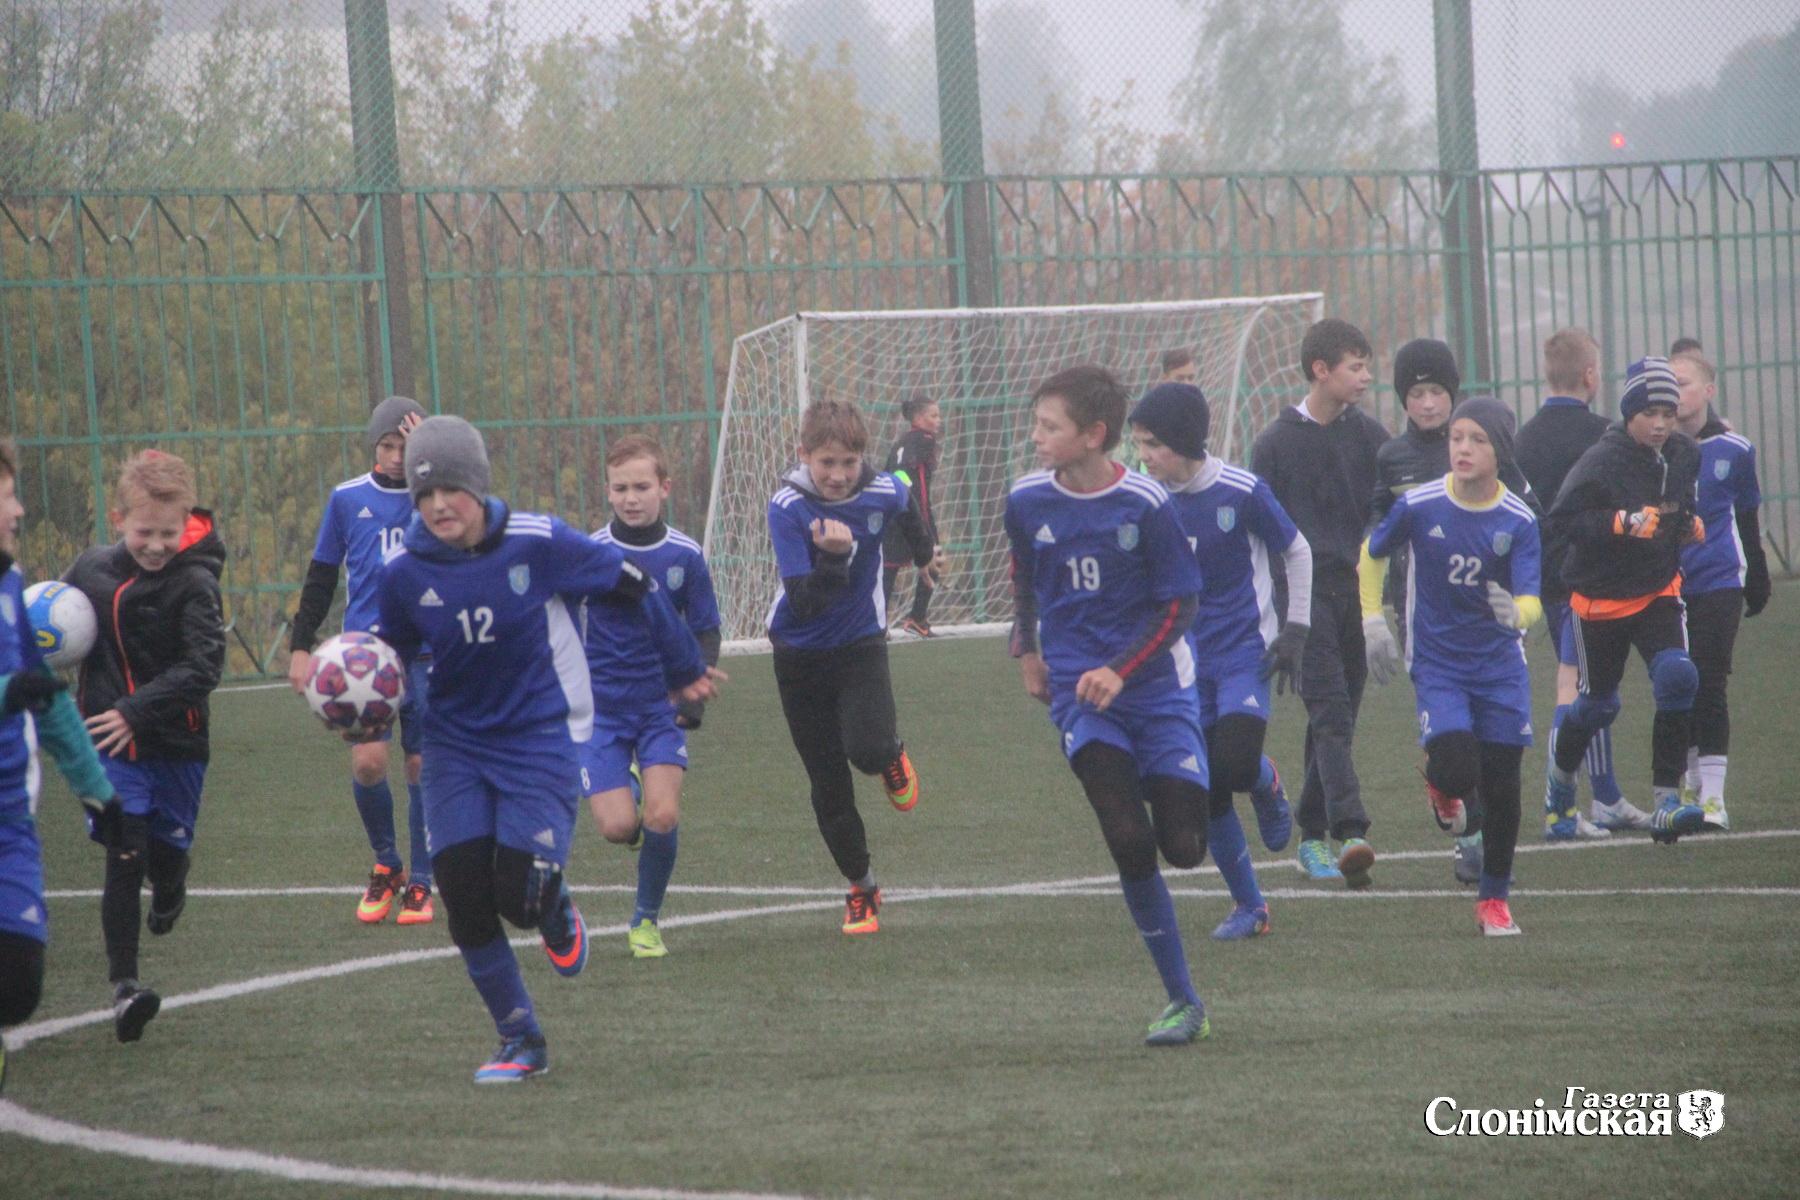 Слонимская команда 2008 г.р.